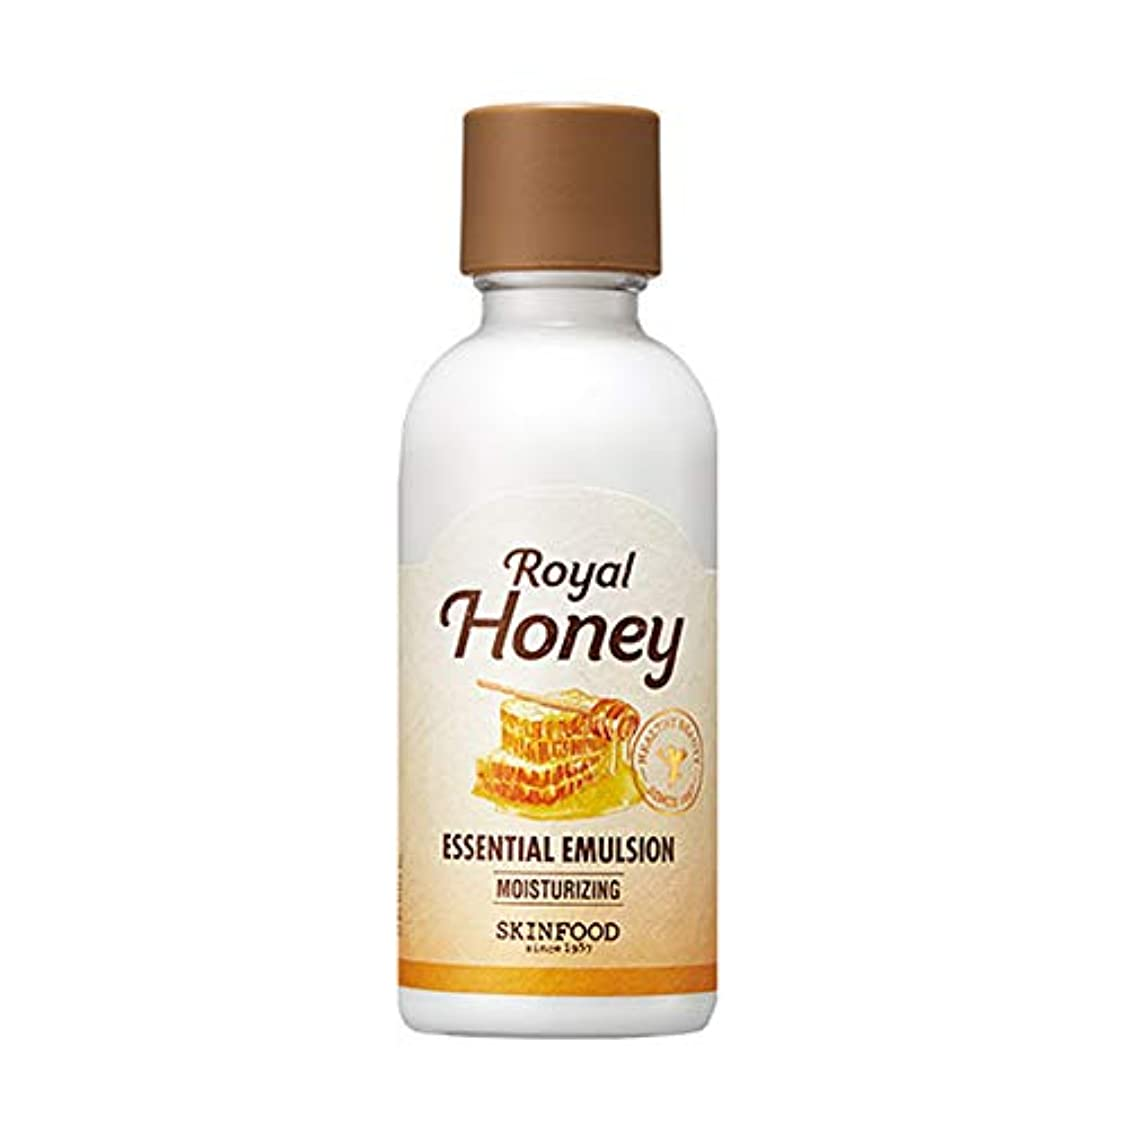 会話声を出して葡萄Skinfood ロイヤルハニーエッセンシャルエマルジョン/Royal Honey Essential Emulsion 160ml [並行輸入品]